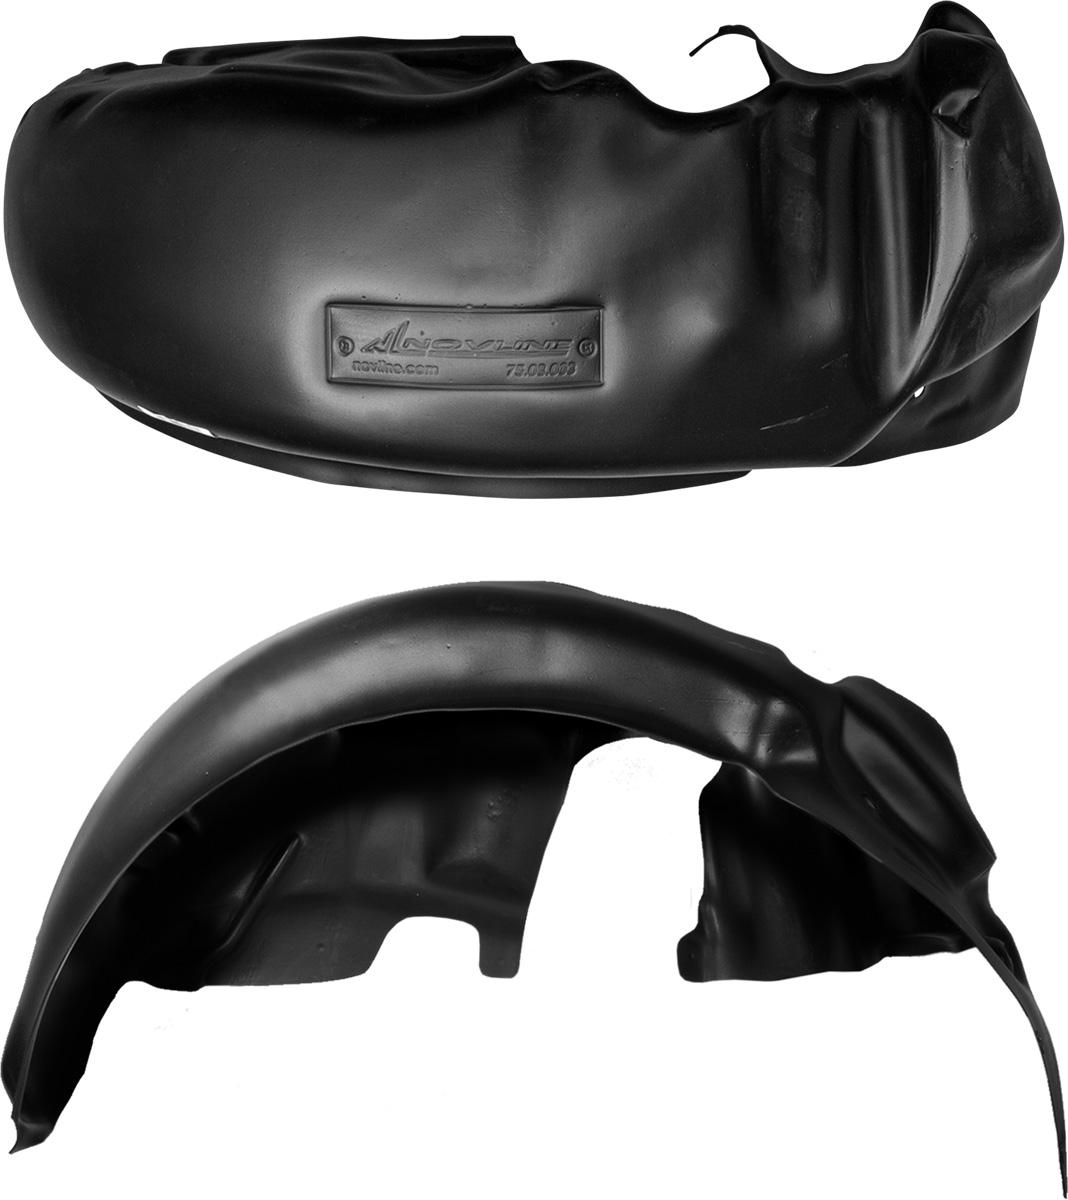 Подкрылок LIFAN X-60, 2012->, передний левыйNLL.73.04.001Колесные ниши – одни из самых уязвимых зон днища вашего автомобиля. Они постоянно подвергаются воздействию со стороны дороги. Лучшая, почти абсолютная защита для них - специально отформованные пластиковые кожухи, которые называются подкрылками, или локерами. Производятся они как для отечественных моделей автомобилей, так и для иномарок. Подкрылки выполнены из высококачественного, экологически чистого пластика. Обеспечивают надежную защиту кузова автомобиля от пескоструйного эффекта и негативного влияния, агрессивных антигололедных реагентов. Пластик обладает более низкой теплопроводностью, чем металл, поэтому в зимний период эксплуатации использование пластиковых подкрылков позволяет лучше защитить колесные ниши от налипания снега и образования наледи. Оригинальность конструкции подчеркивает элегантность автомобиля, бережно защищает нанесенное на днище кузова антикоррозийное покрытие и позволяет осуществить крепление подкрылков внутри колесной арки практически без дополнительного крепежа и сверления, не нарушая при этом лакокрасочного покрытия, что предотвращает возникновение новых очагов коррозии. Технология крепления подкрылков на иномарки принципиально отличается от крепления на российские автомобили и разрабатывается индивидуально для каждой модели автомобиля. Подкрылки долговечны, обладают высокой прочностью и сохраняют заданную форму, а также все свои физико-механические характеристики в самых тяжелых климатических условиях ( от -50° С до + 50° С).